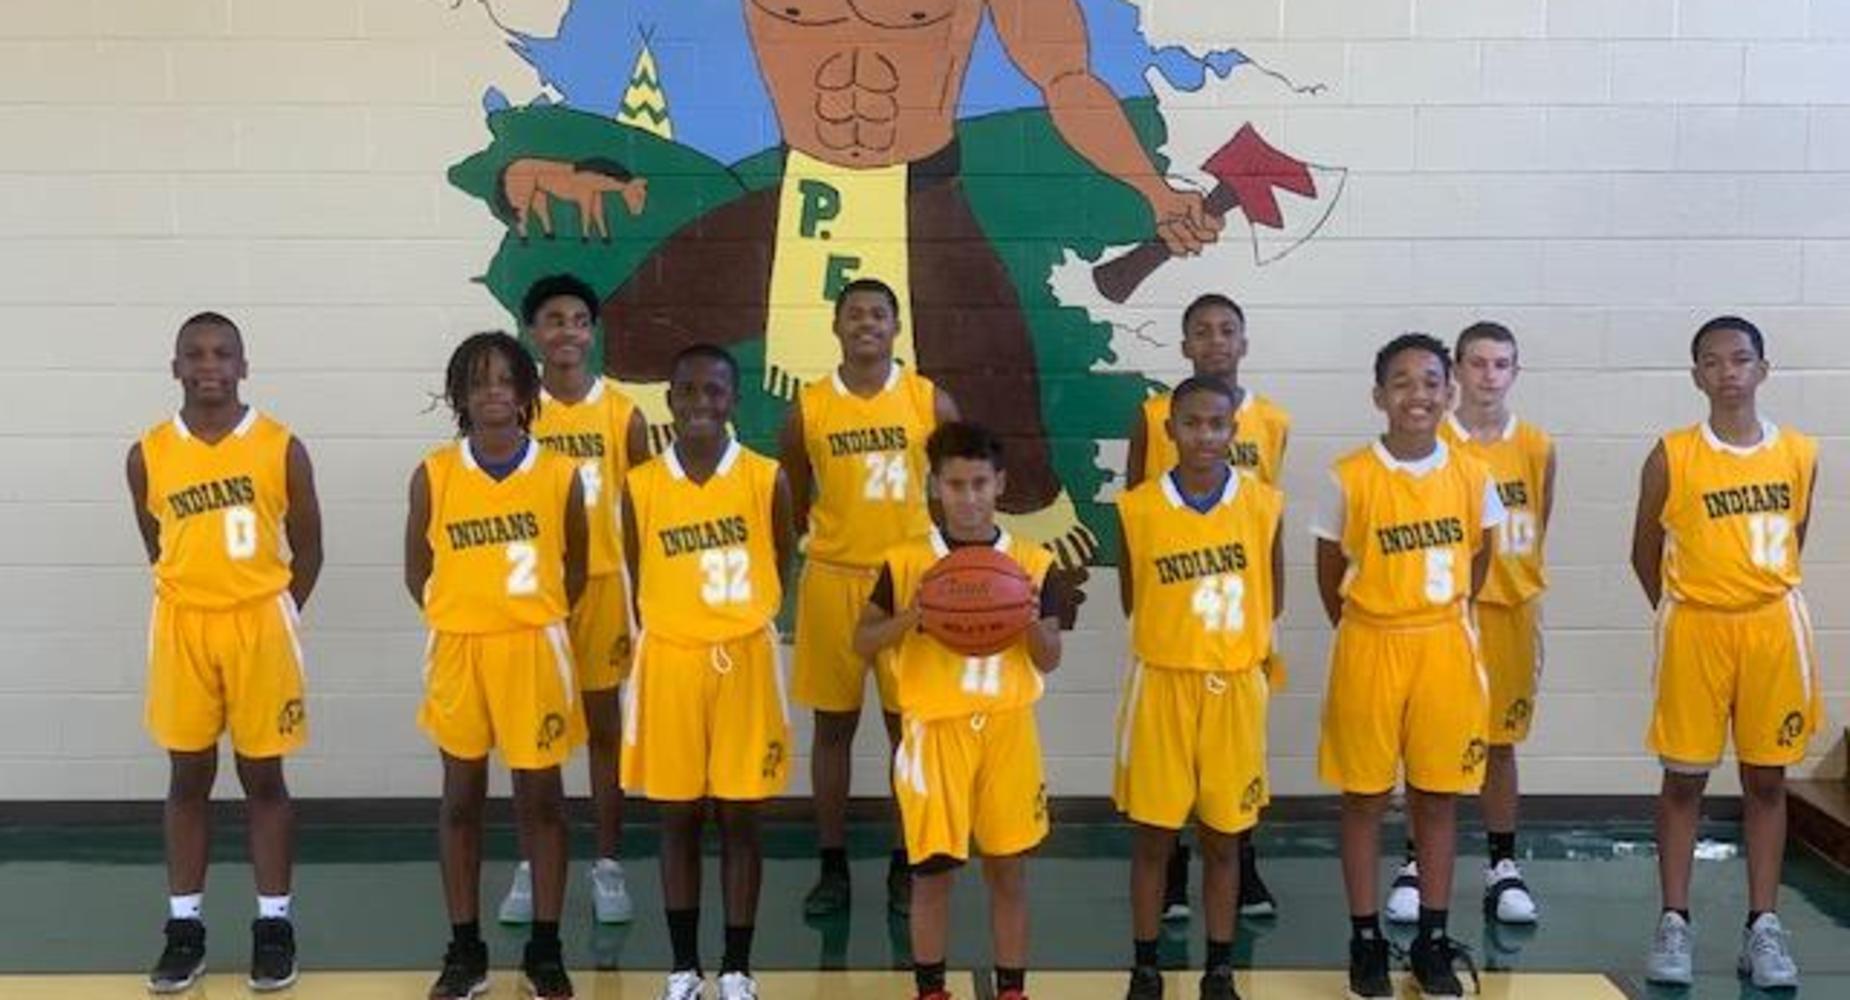 Plaisance School Boys Basketball Team